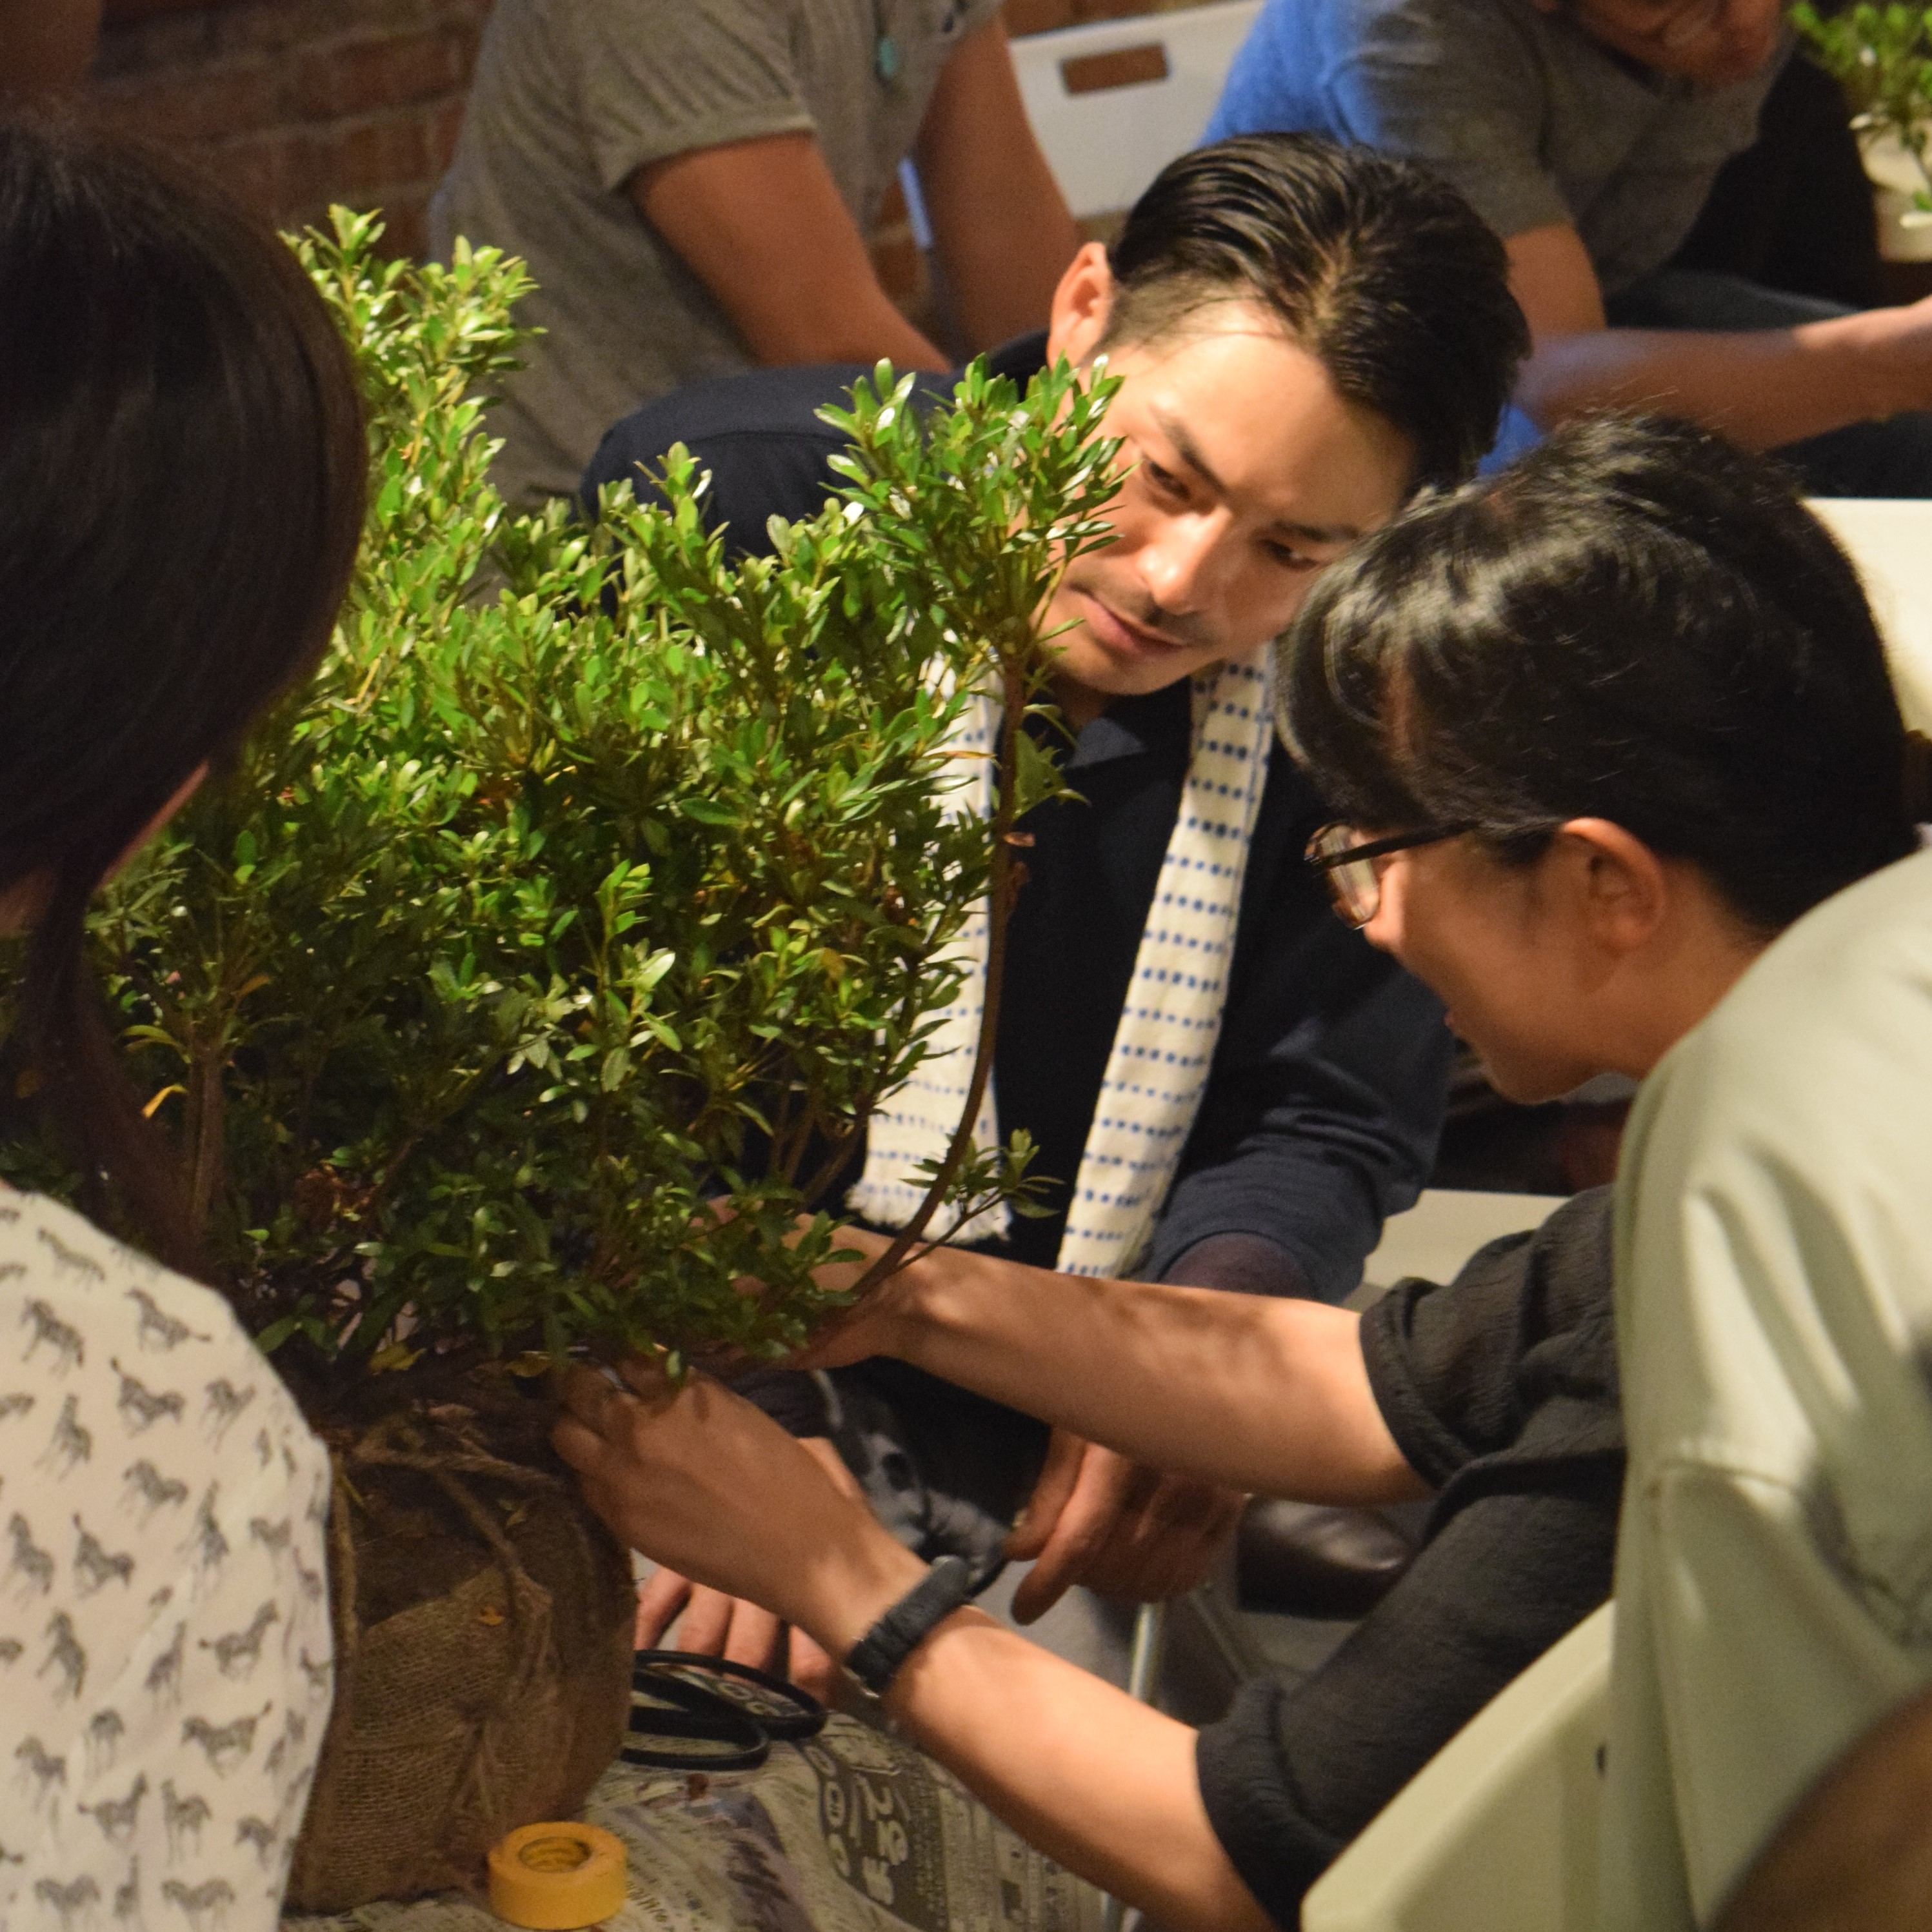 庭師と学ぶ フォスタリング・スタディーズ Ⅲ 第1回「春」サツキツツジ、アセビ、松の芽つみ